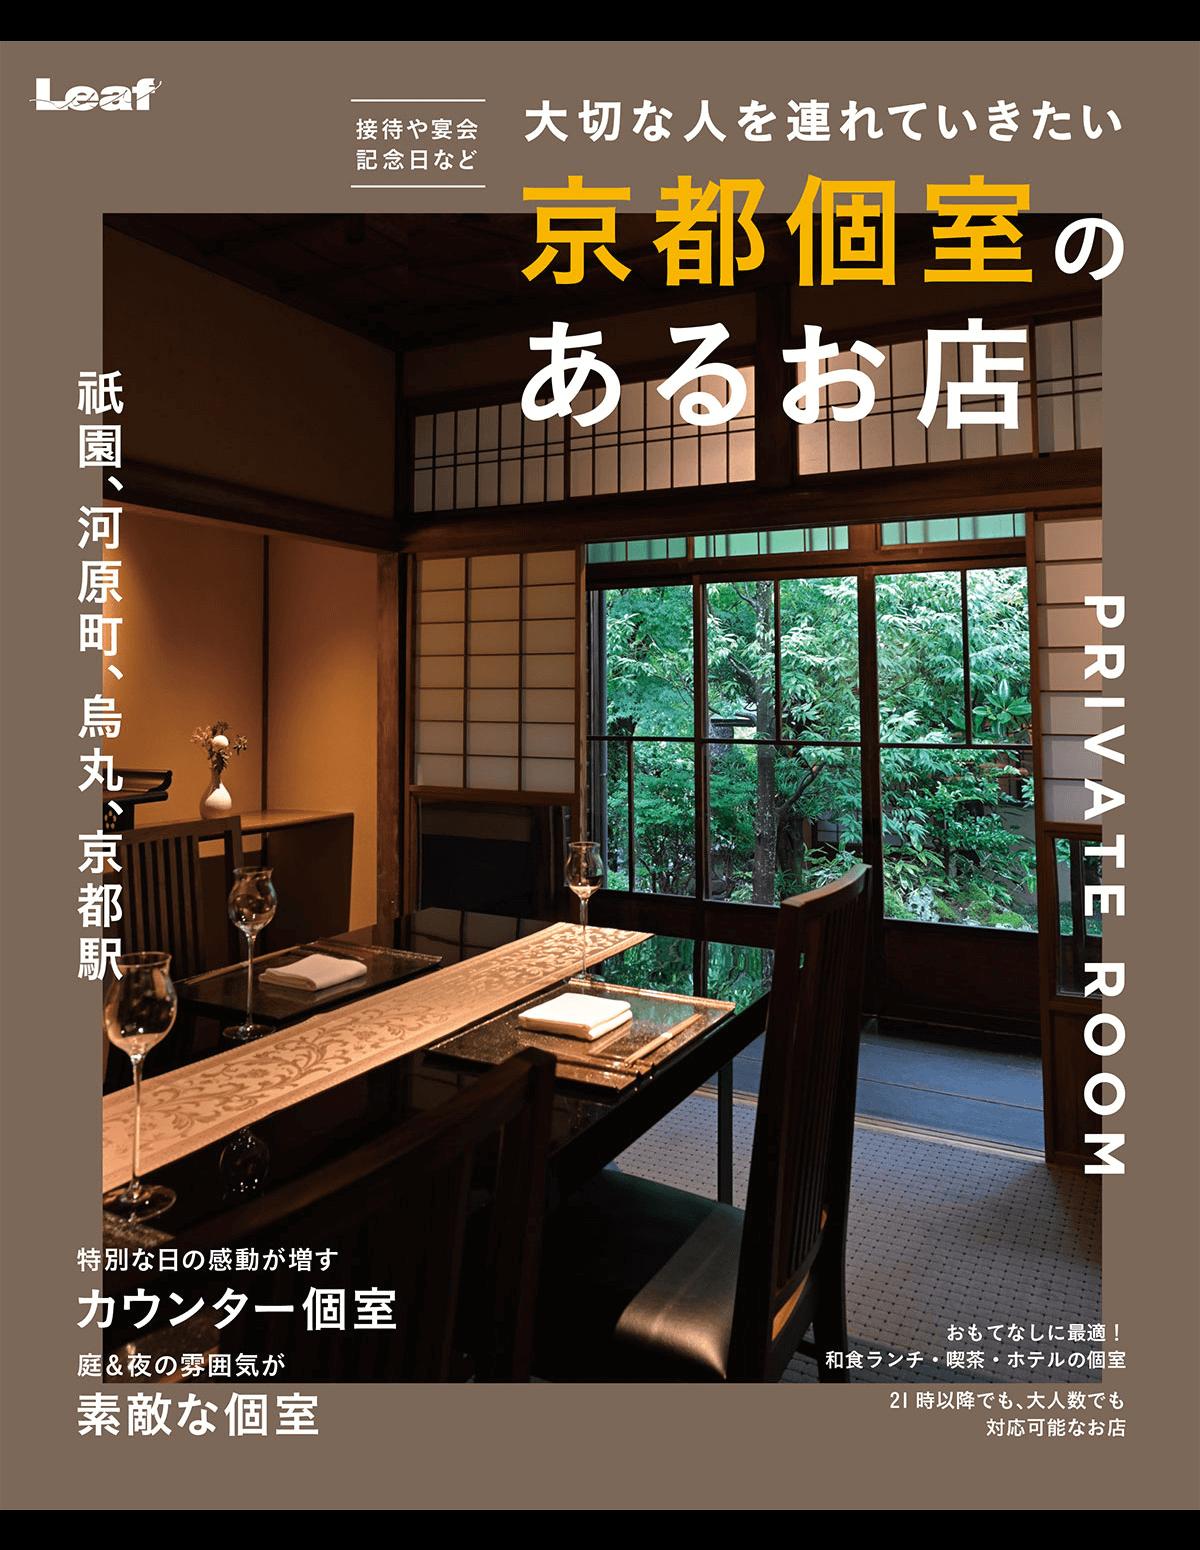 LeafMOOK 【書籍】京都個室のあるお店